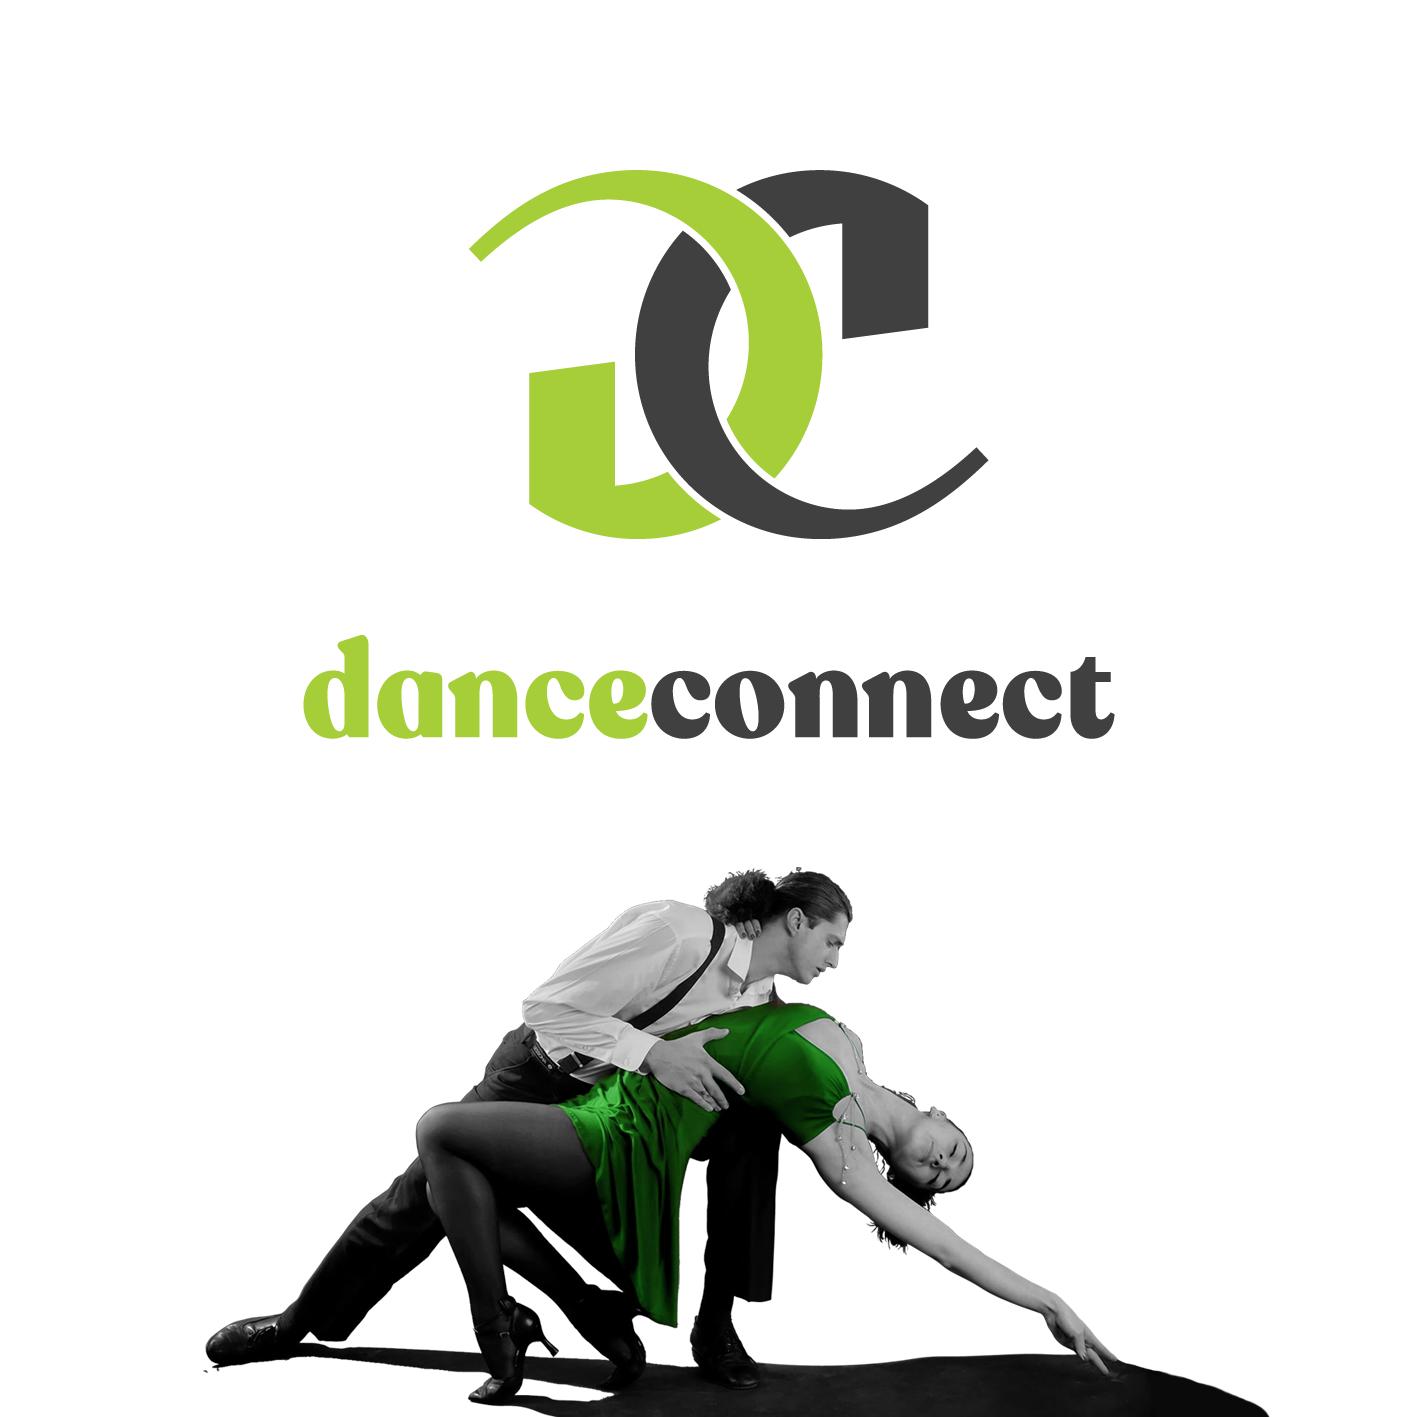 Разработка лого для спортивного портала www.danceconnect.ru фото f_6835b3f4cc1da9c3.png